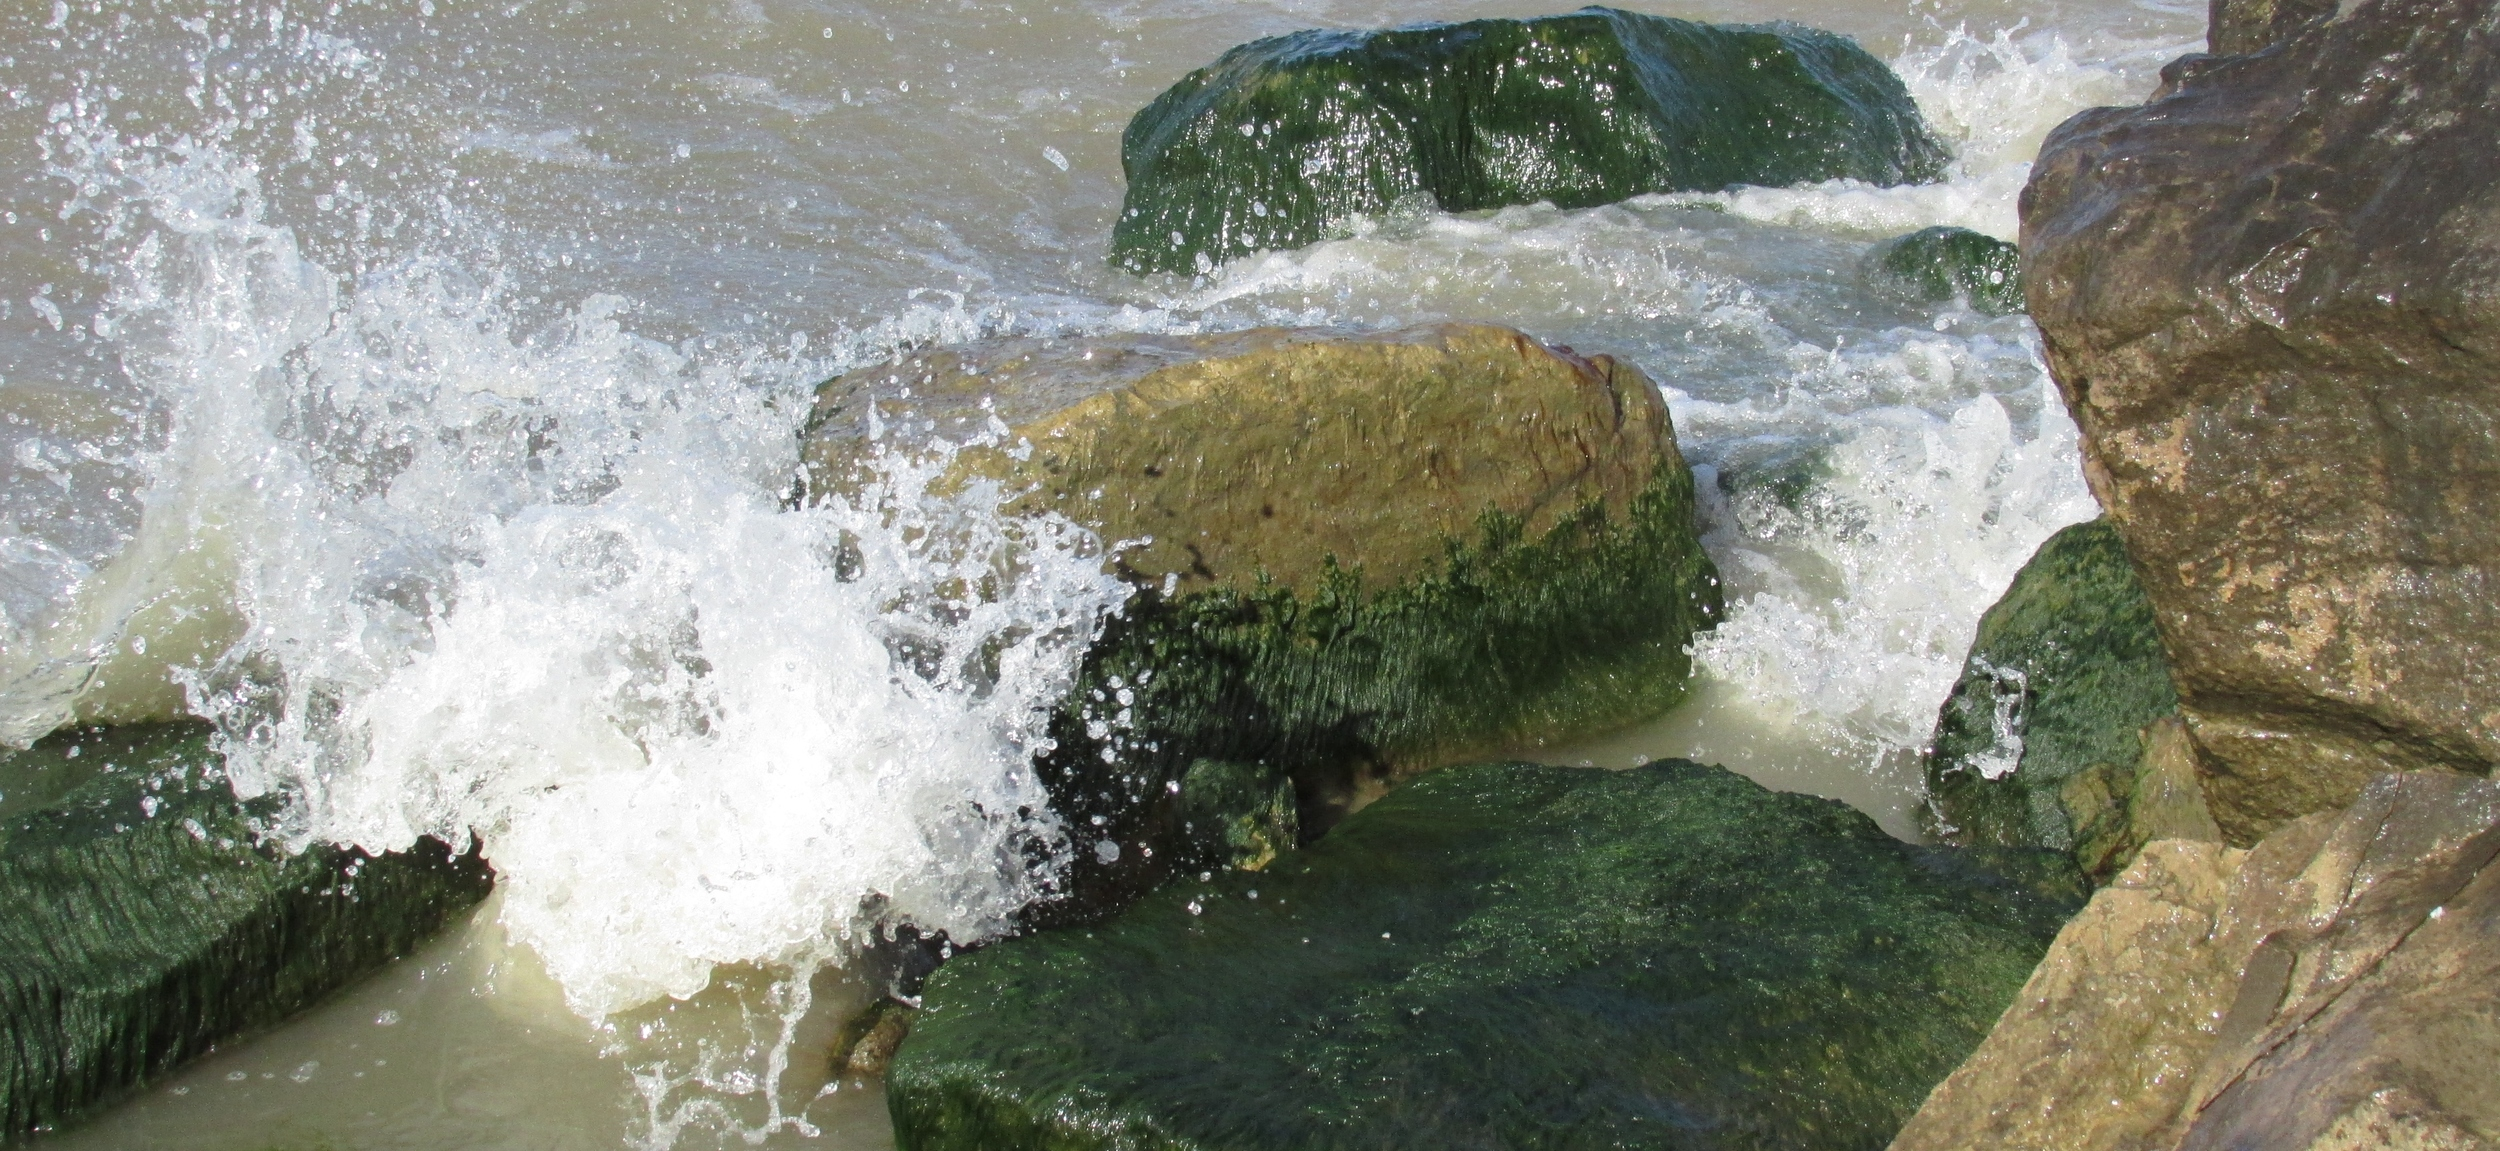 Lake Splash.JPG